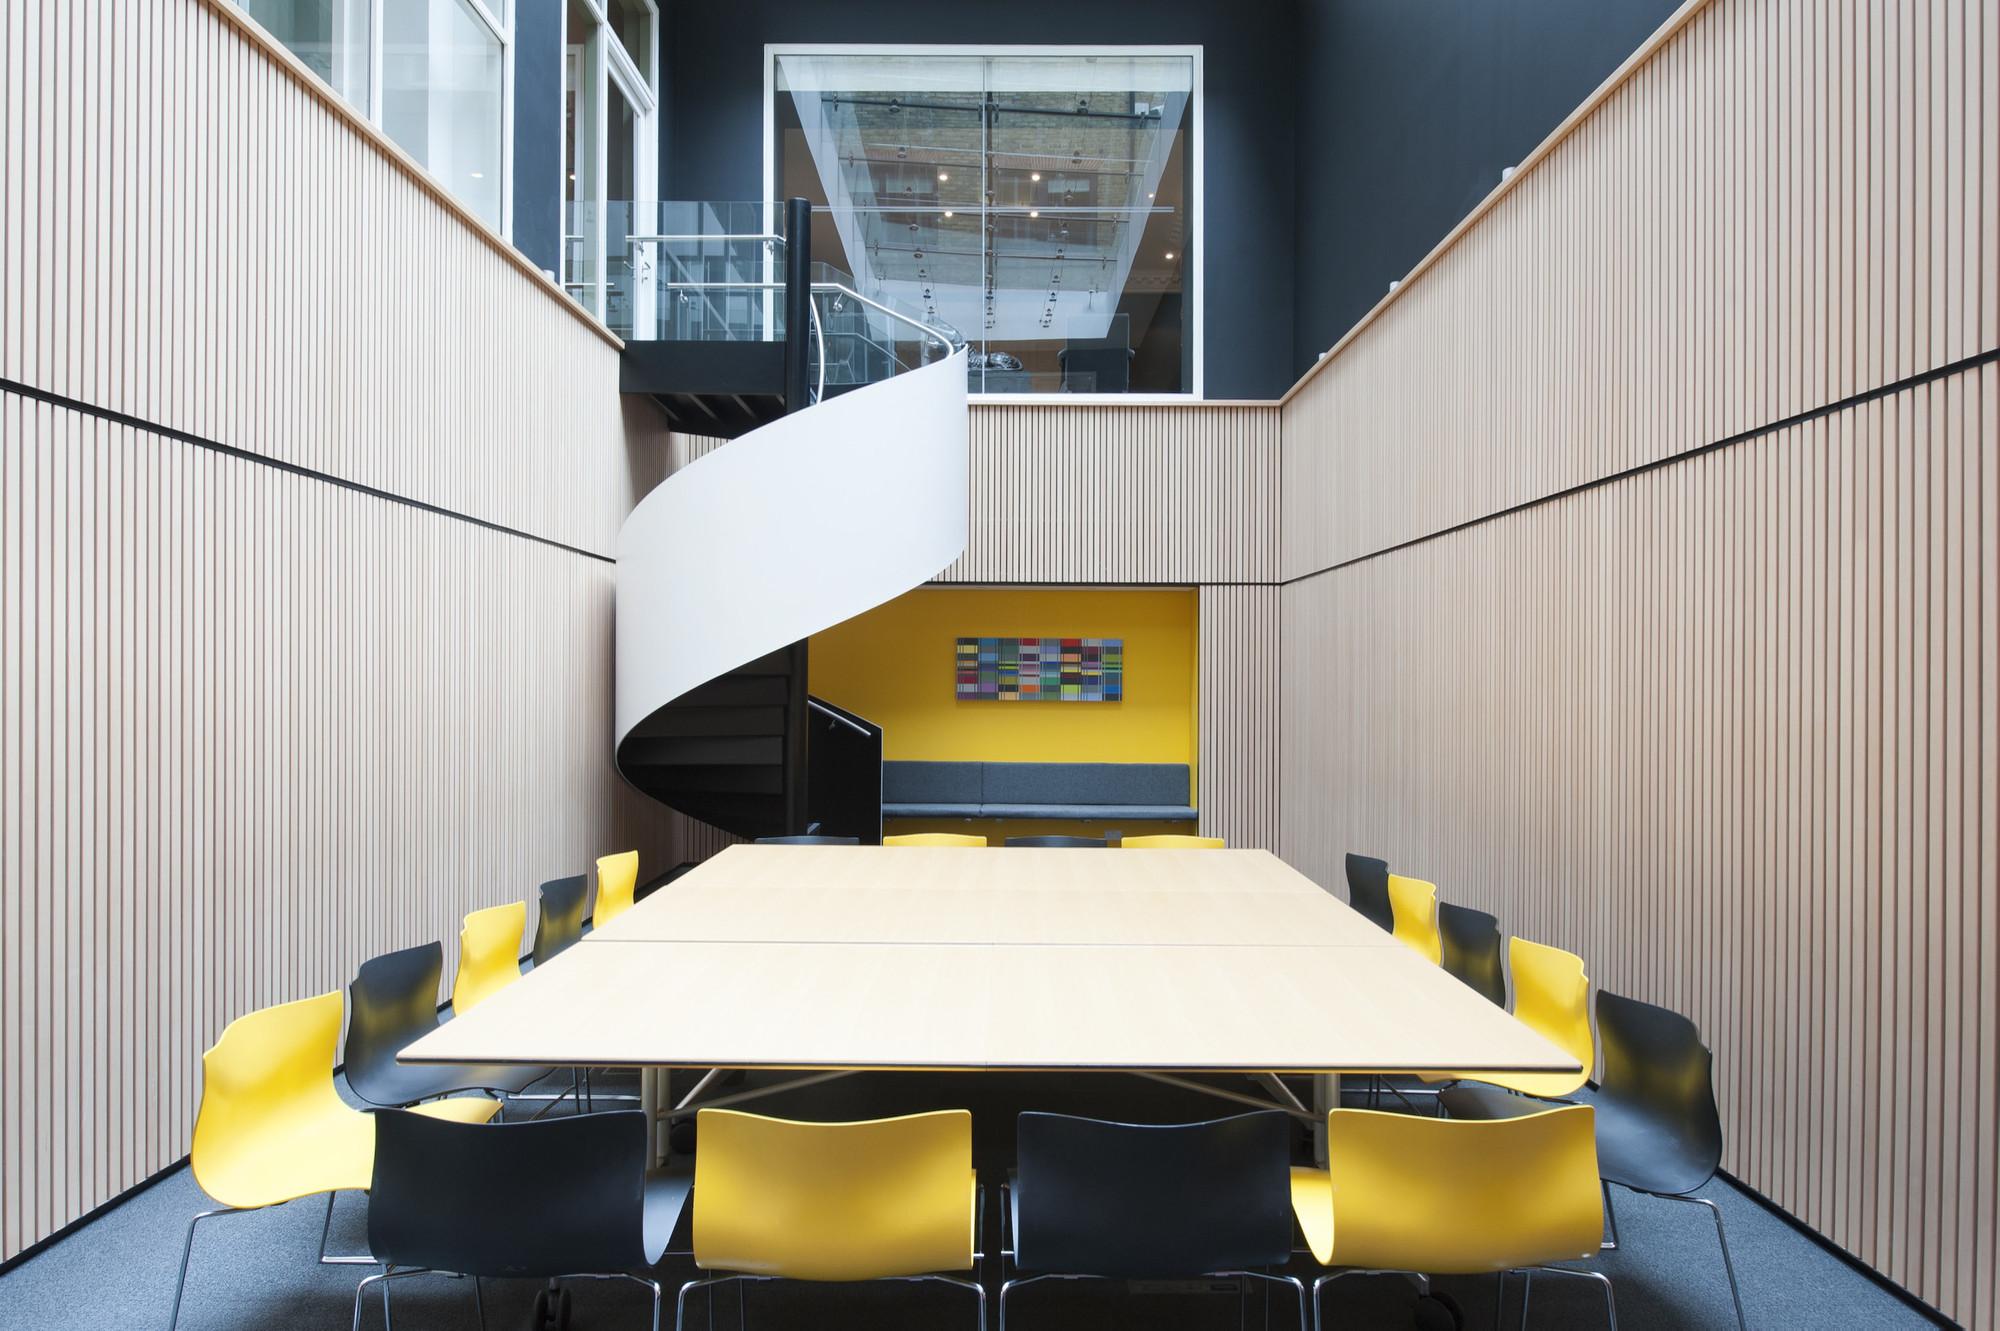 Reforma contemporânea para um escritório clássico em Mayfair / Brady Mallalieu Architects, © David Jensen Photography